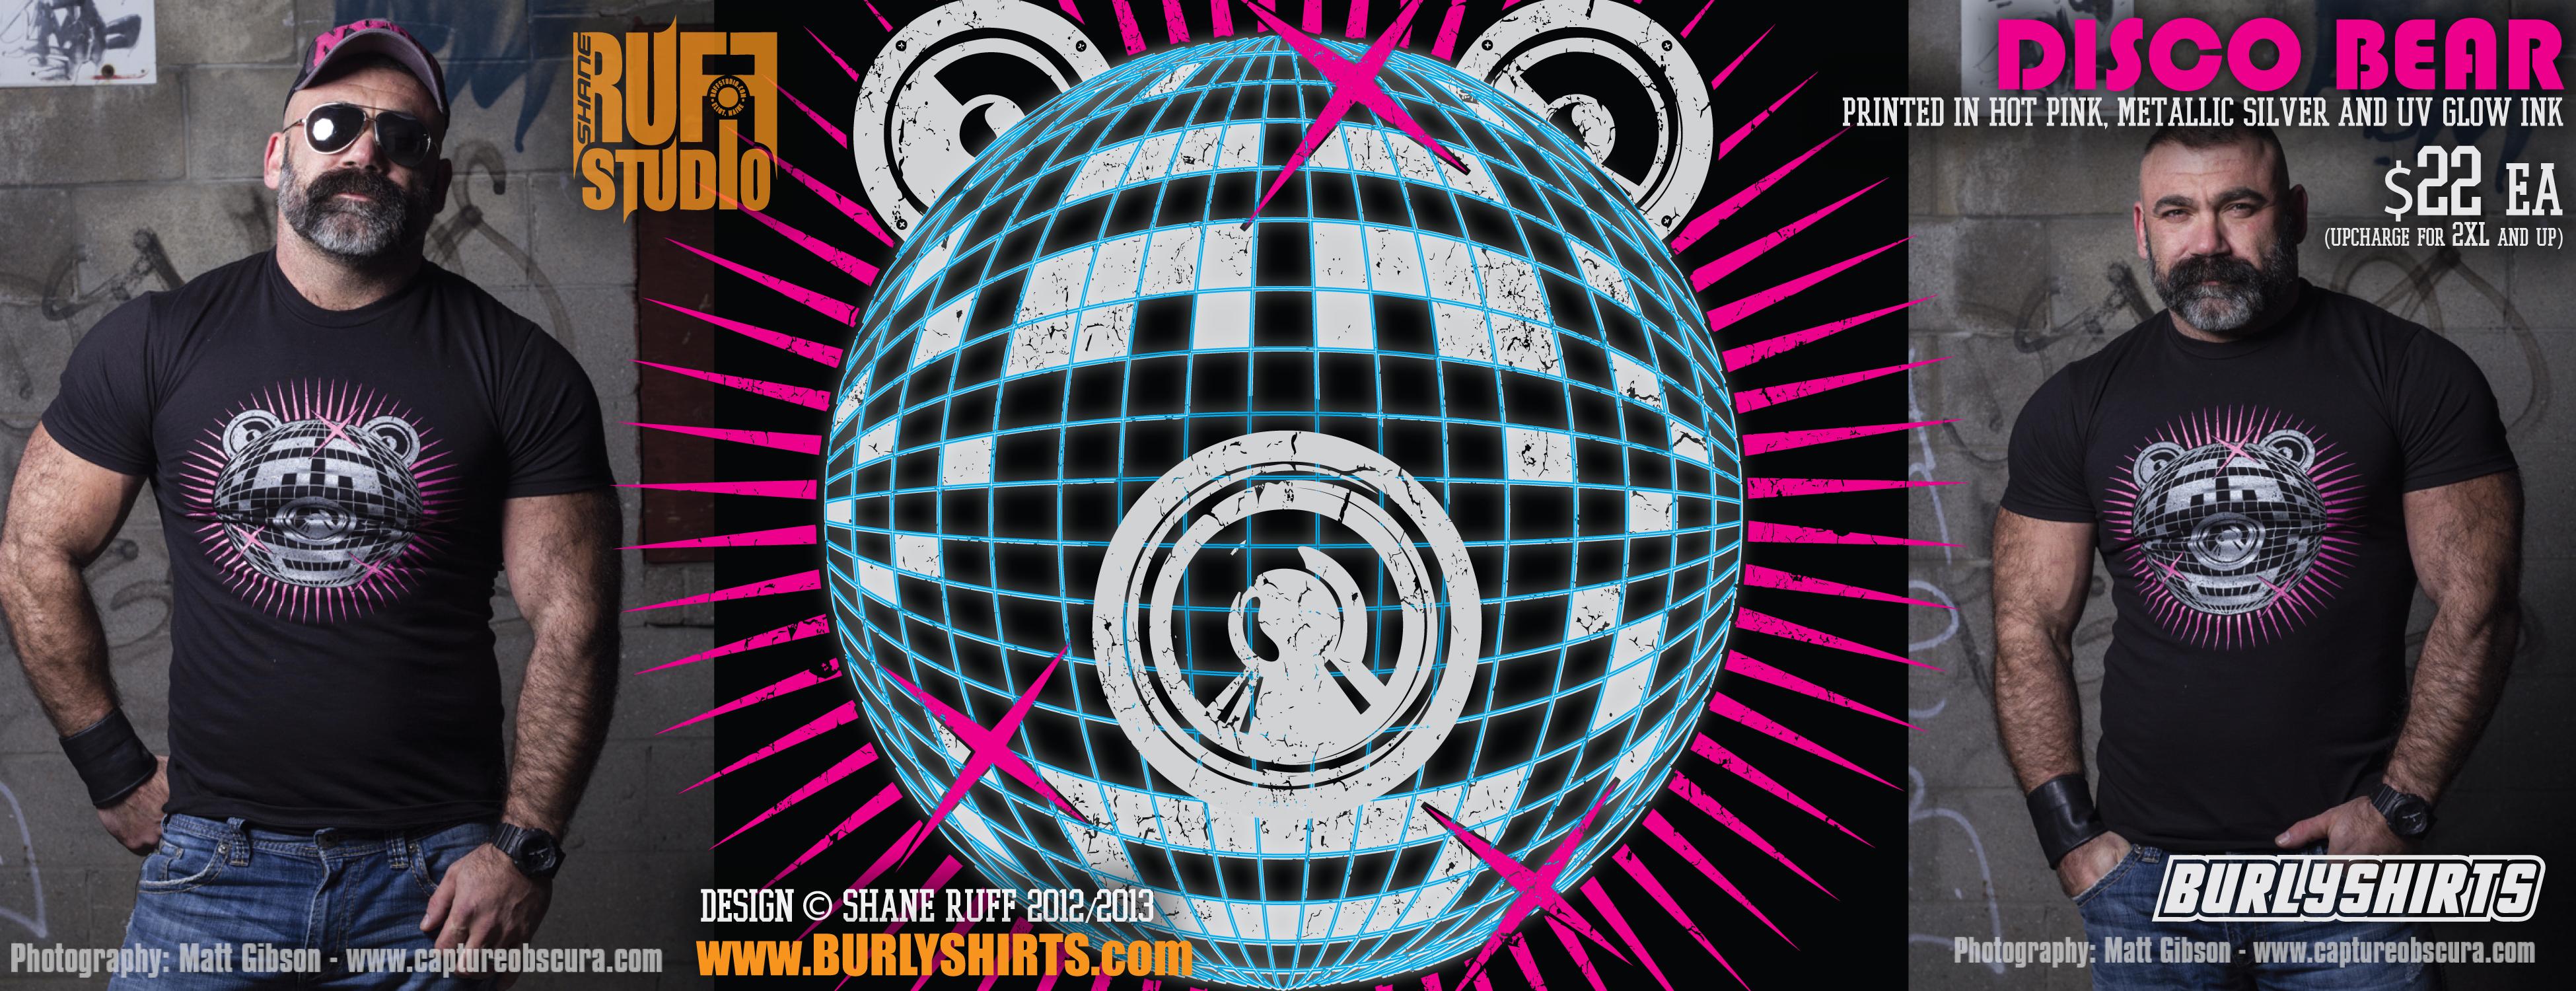 disco-bear-ad-1a.jpg